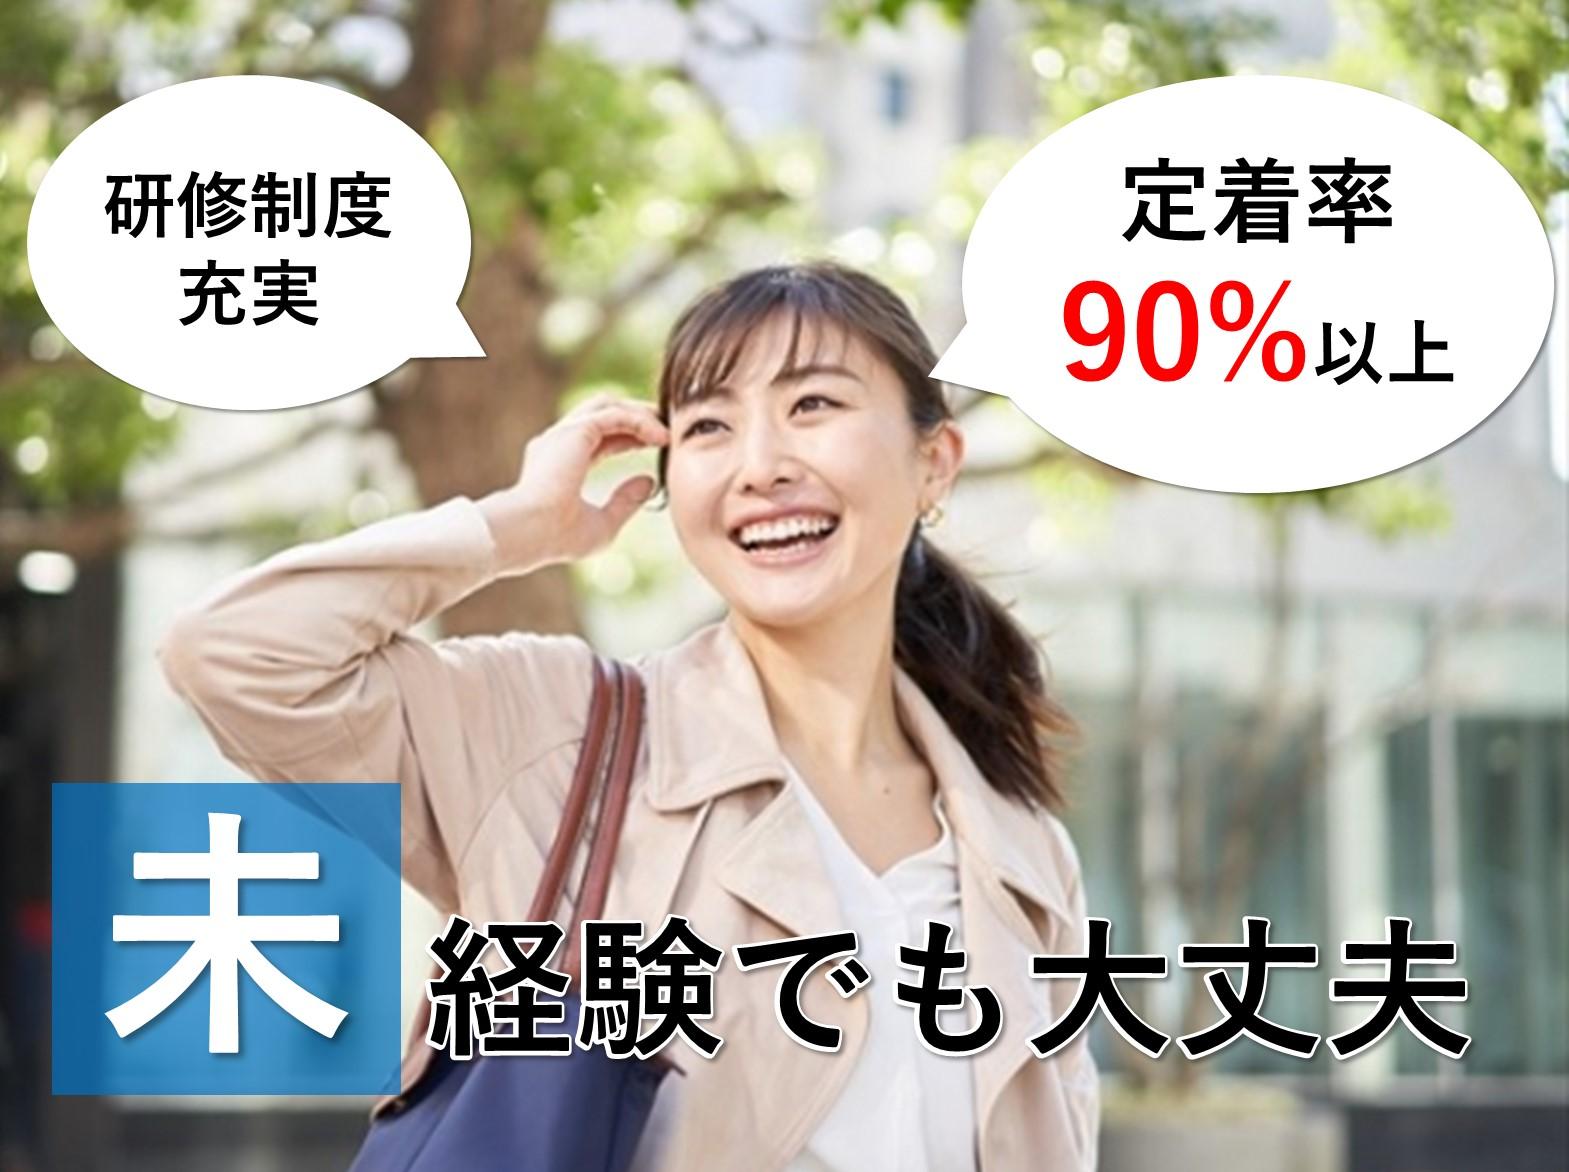 【契約社員】働きやすさが魅力◎経験を活かしてワンランク上へ★販売スタッフ イメージ